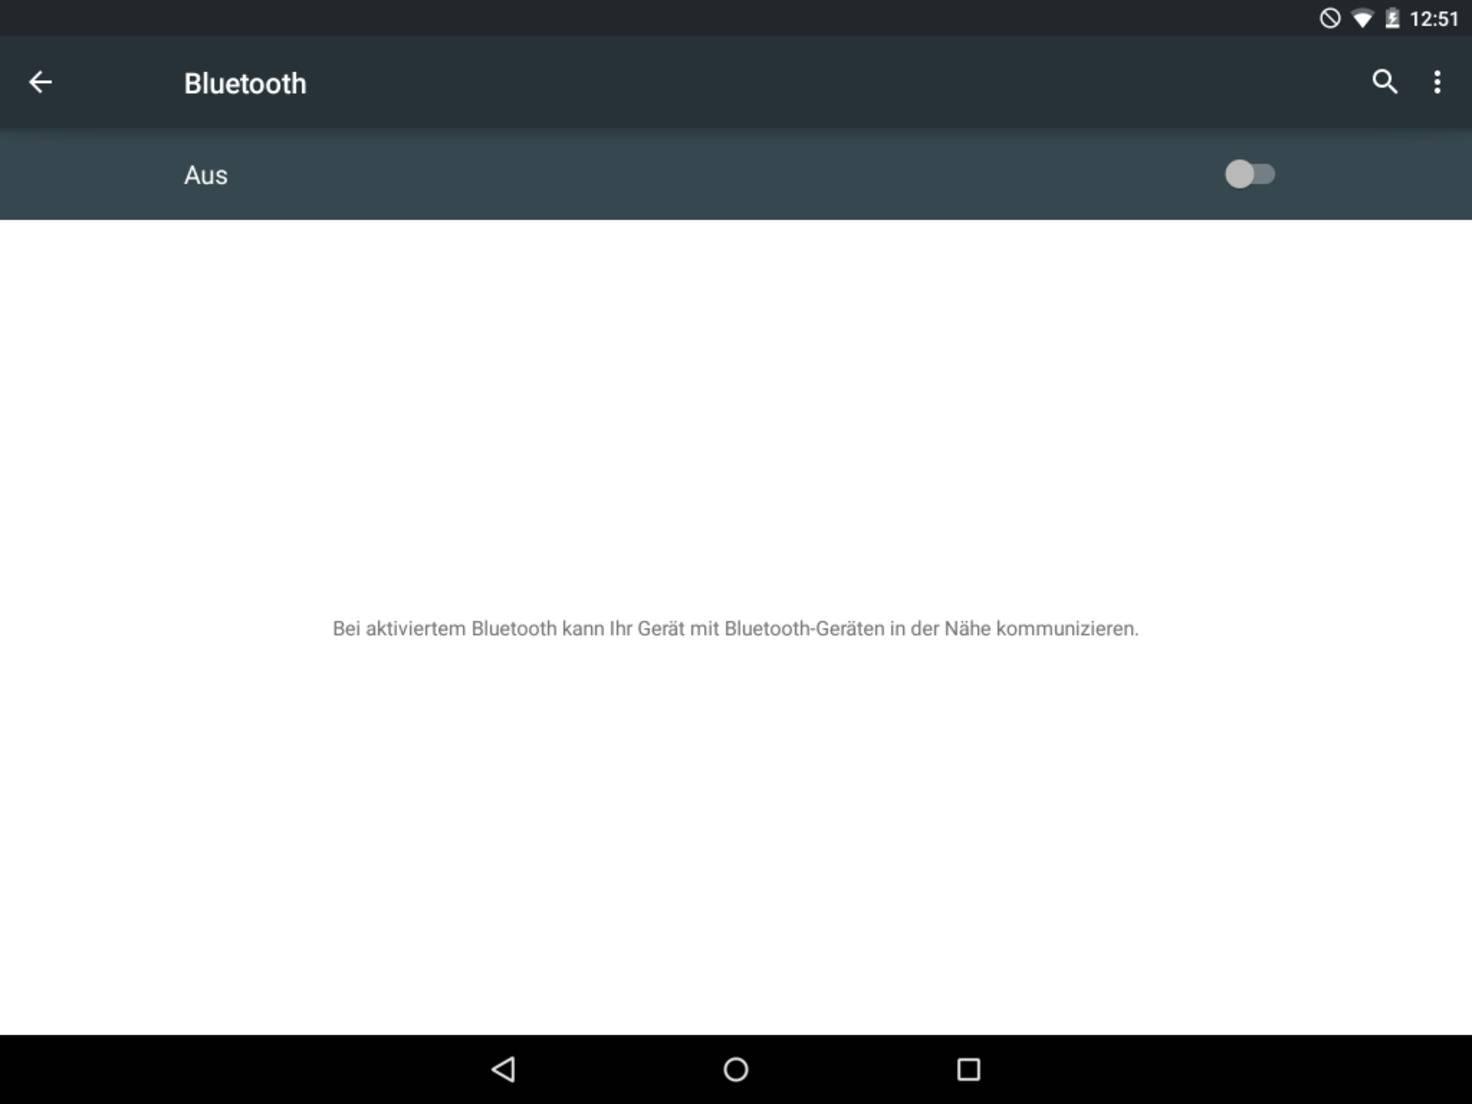 Bluetooth sollte immer ausgeschaltet werden, wenn es nicht benötigt wird.